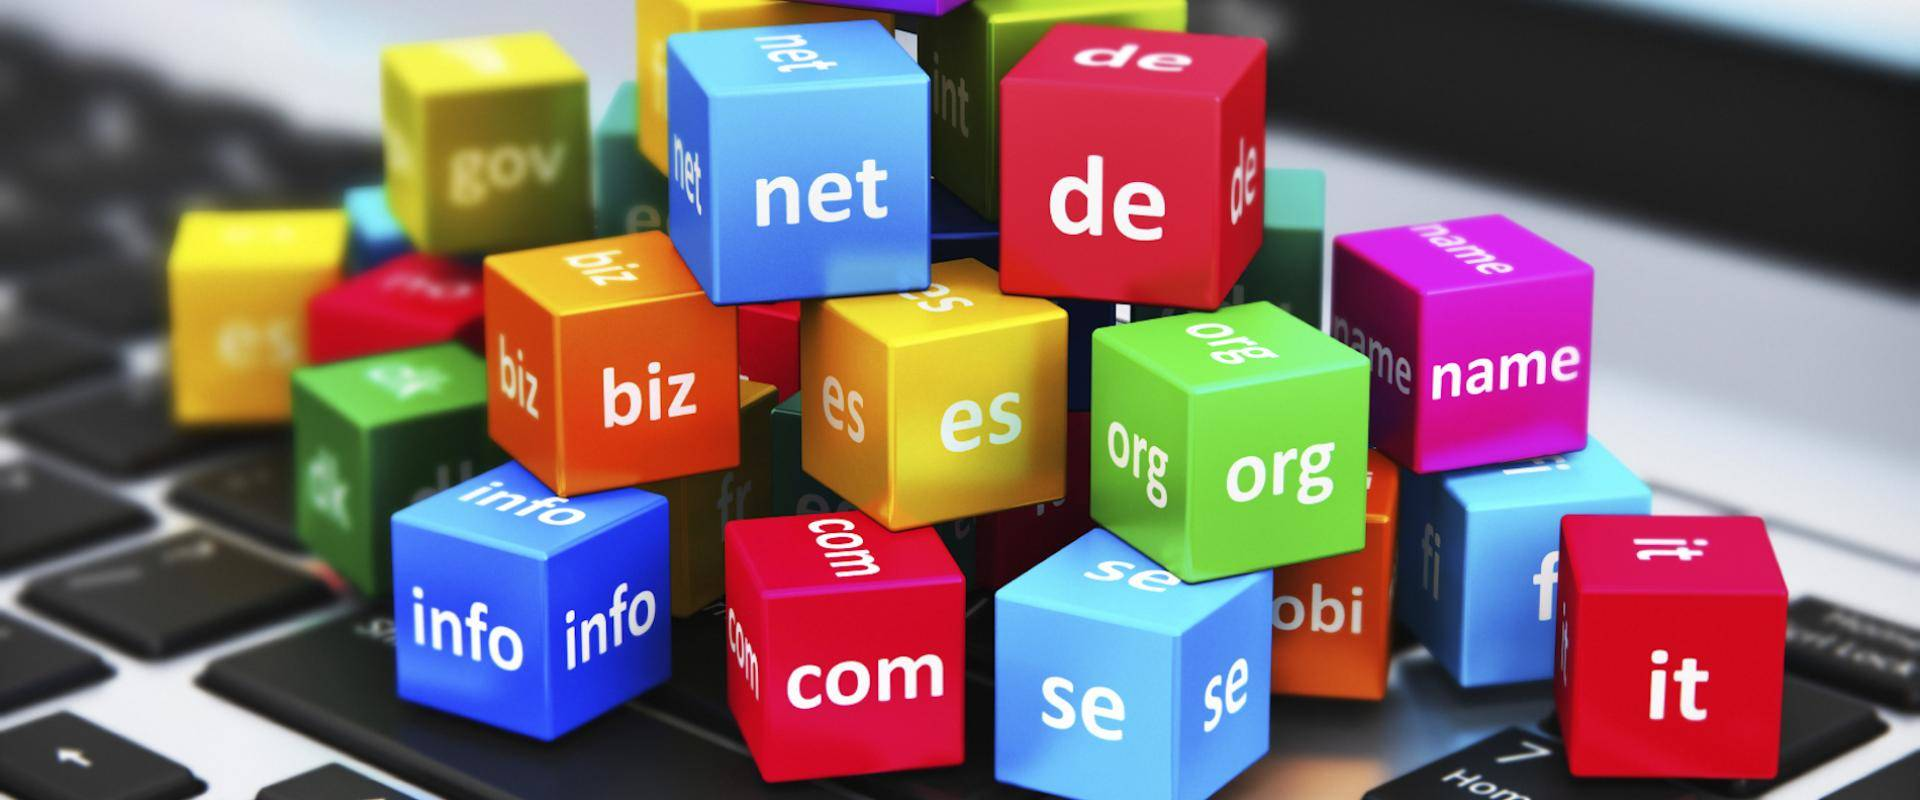 Web sitesi yapmak ne işimize yarar? - - web tasarımı, ne işe yarar, nasıl yapılır